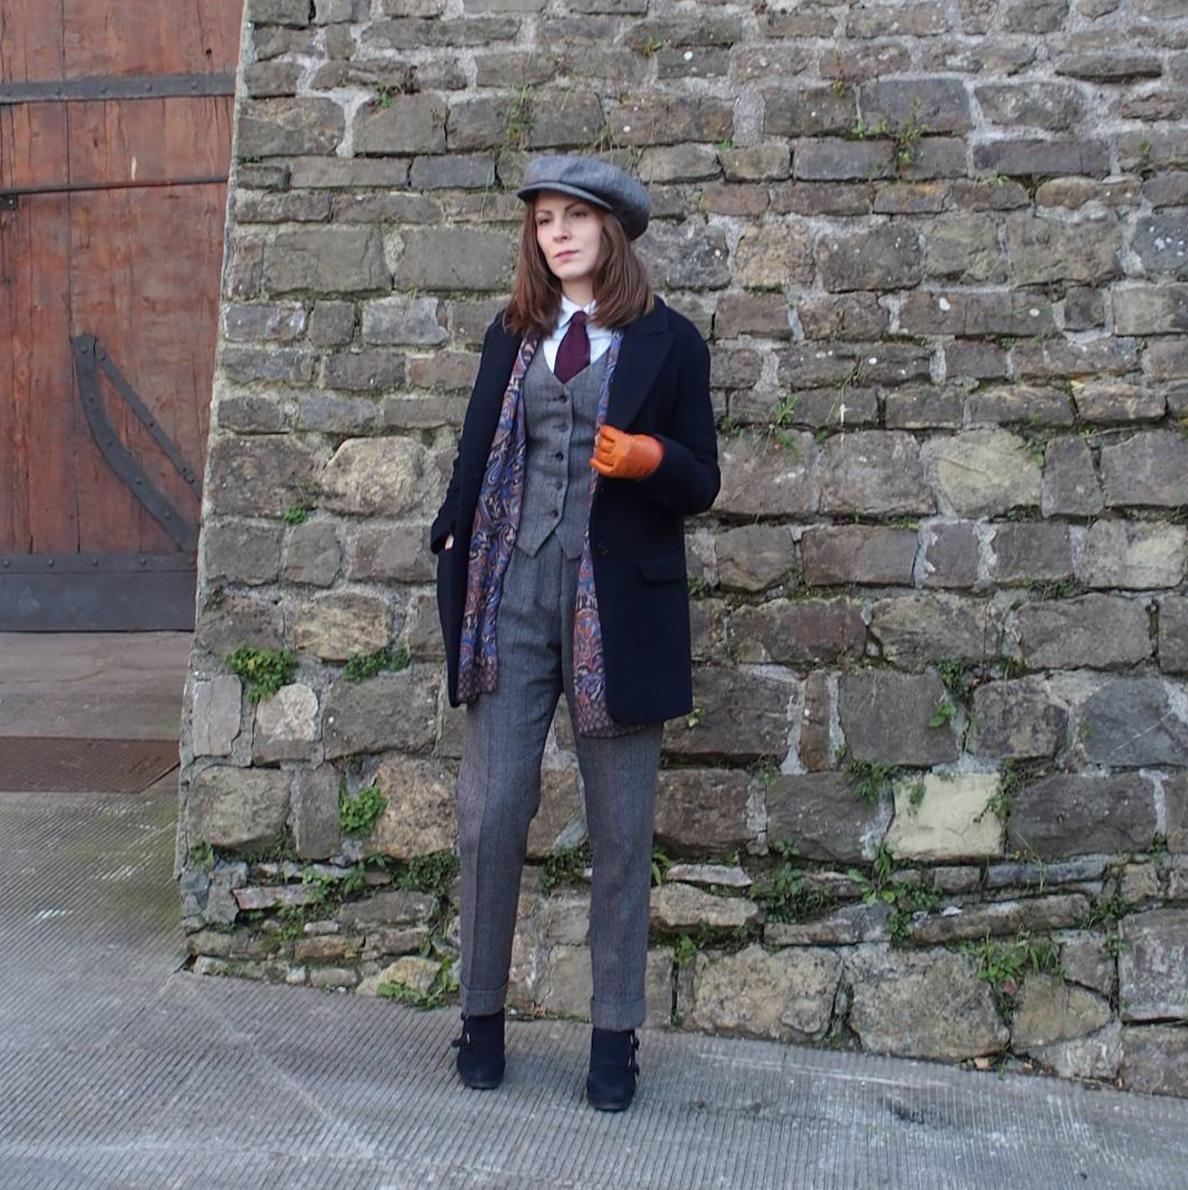 Anu Elizabeth on menswear for women styleforum women in menswear